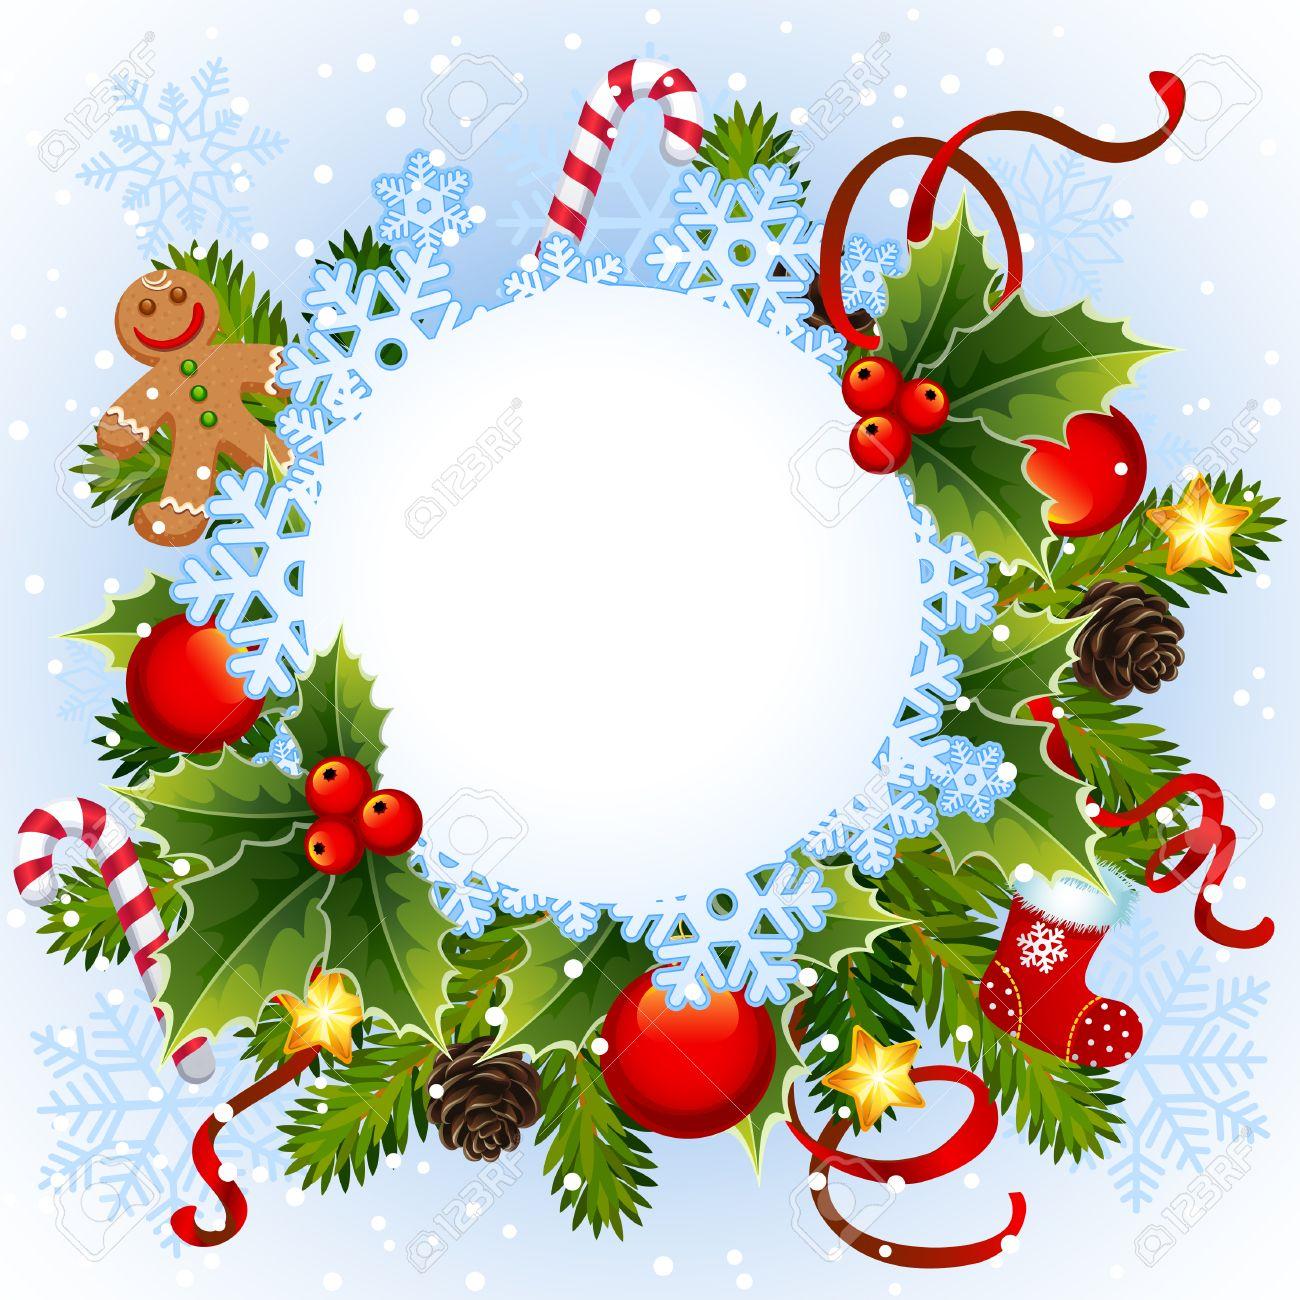 イラスト-クリスマス雪の結晶をフレーム ロイヤリティフリークリップ